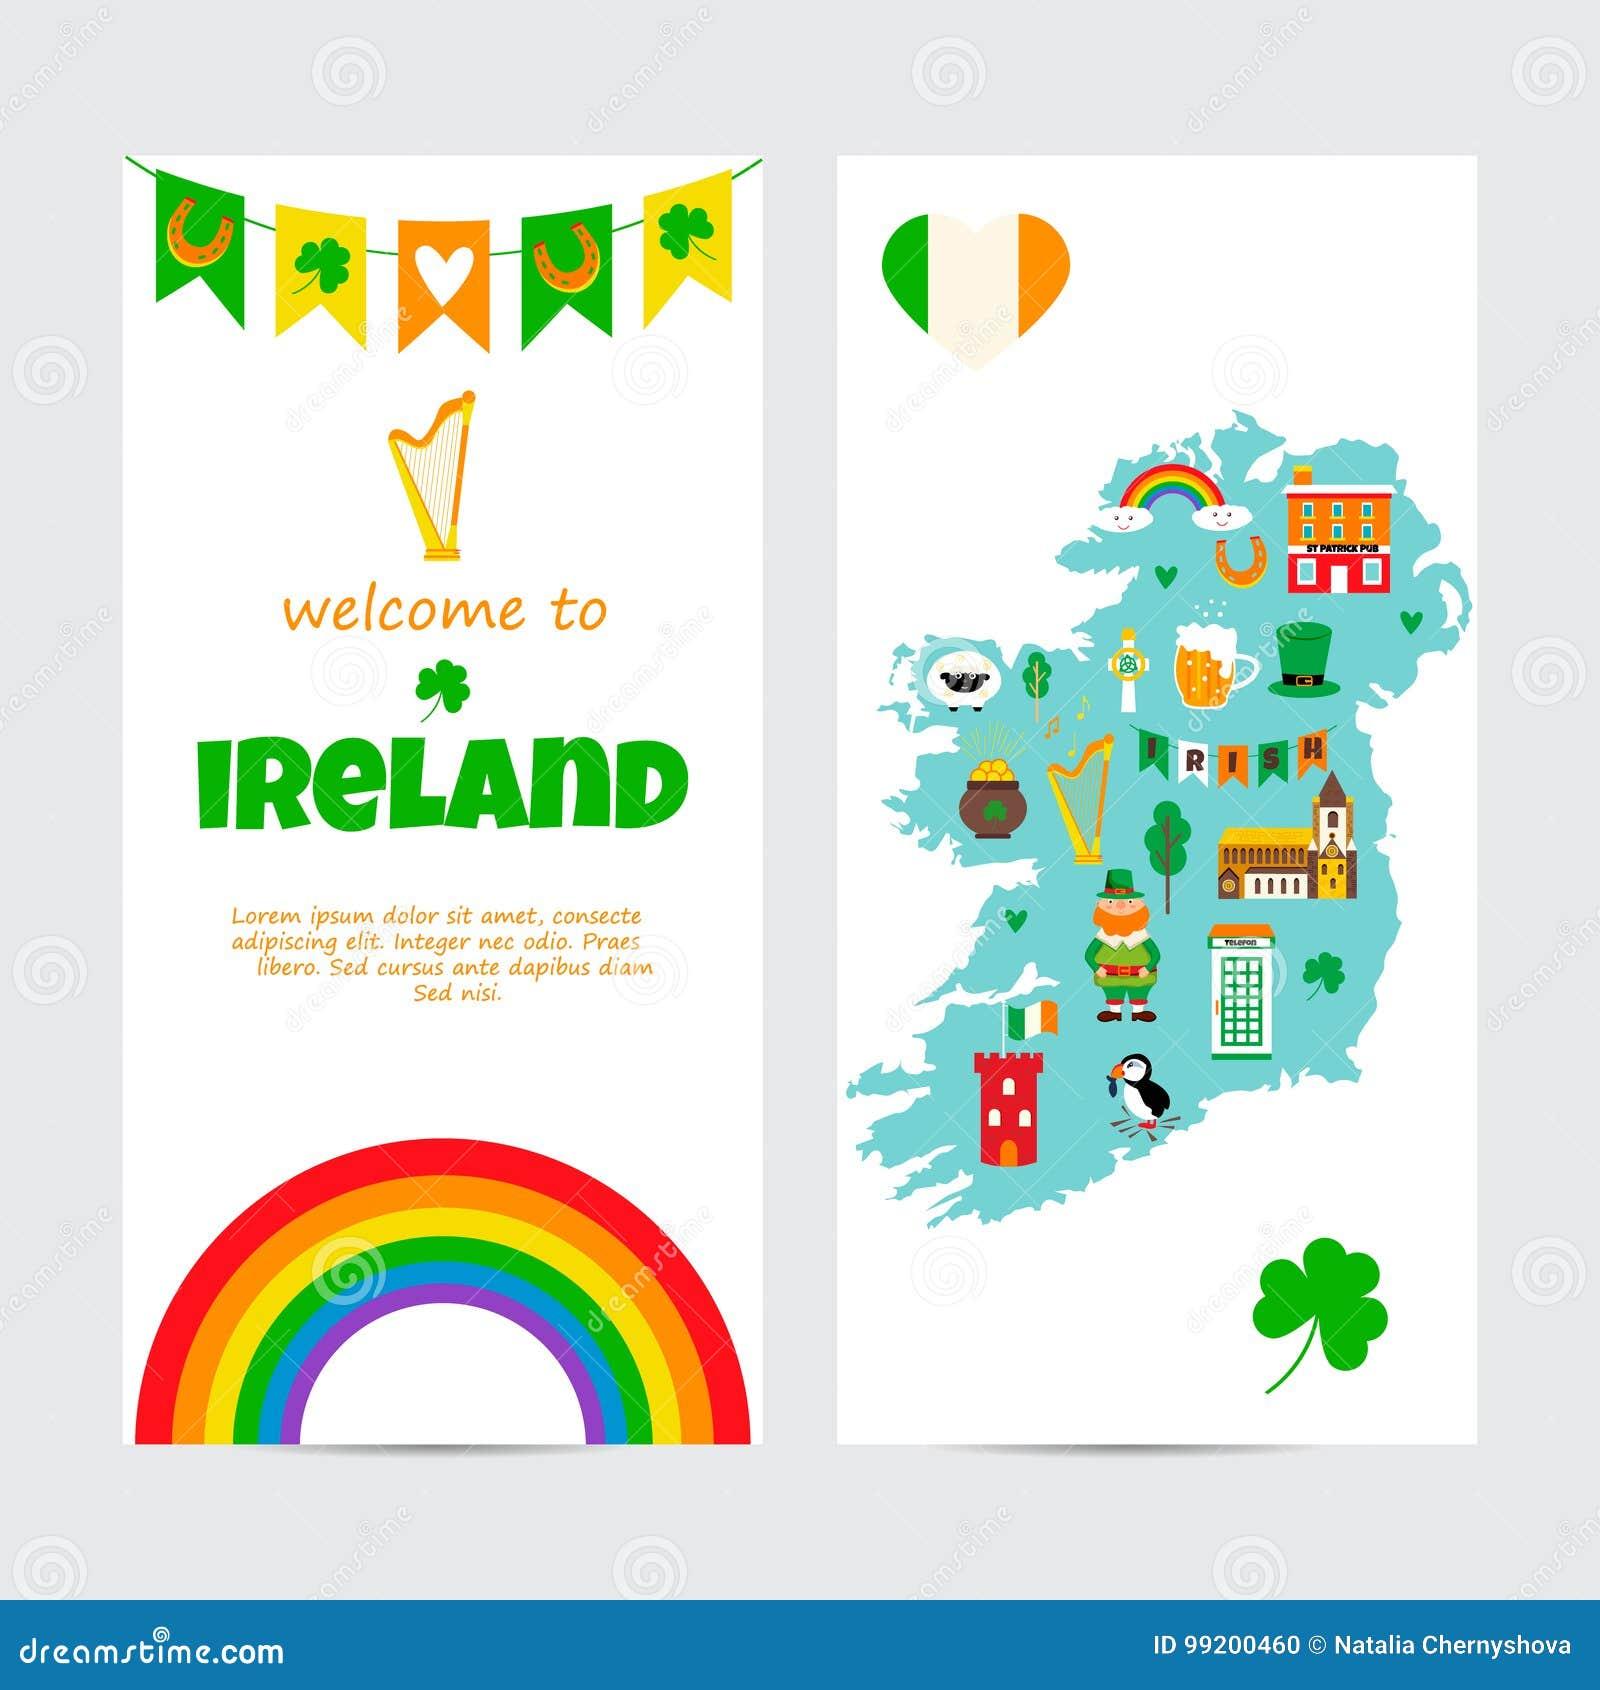 Irlanda Cartina Turistica.Modello Del Fondo Con La Mappa Turistica Dell Irlanda Con I Punti Di Riferimento I Simboli Ed Il Testo Illustrazione Vettoriale Illustrazione Di Mare Irlandese 99200460